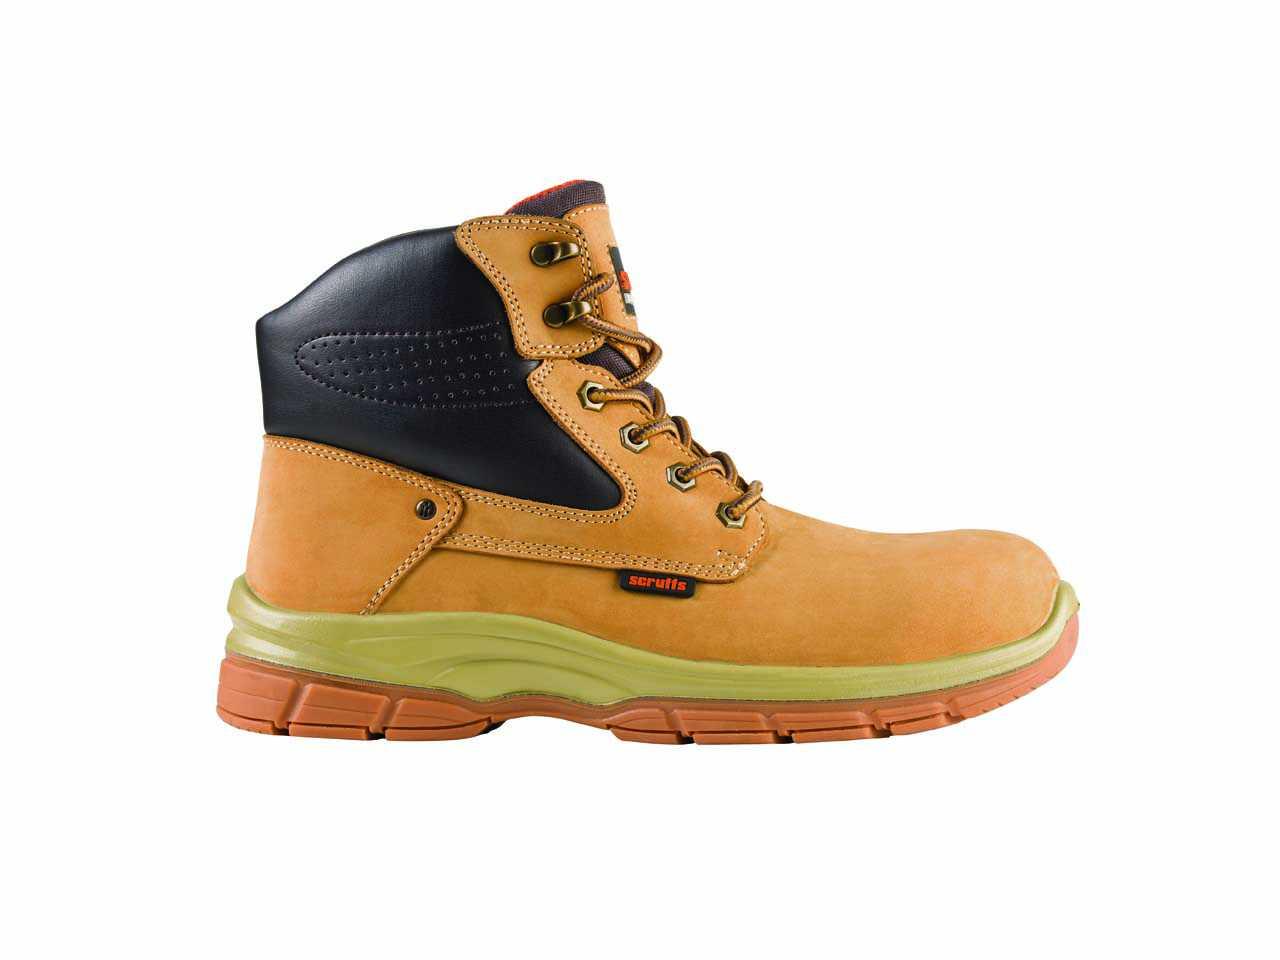 8dd13ff000d Scruffs Hatton Boot Tan Various Sizes